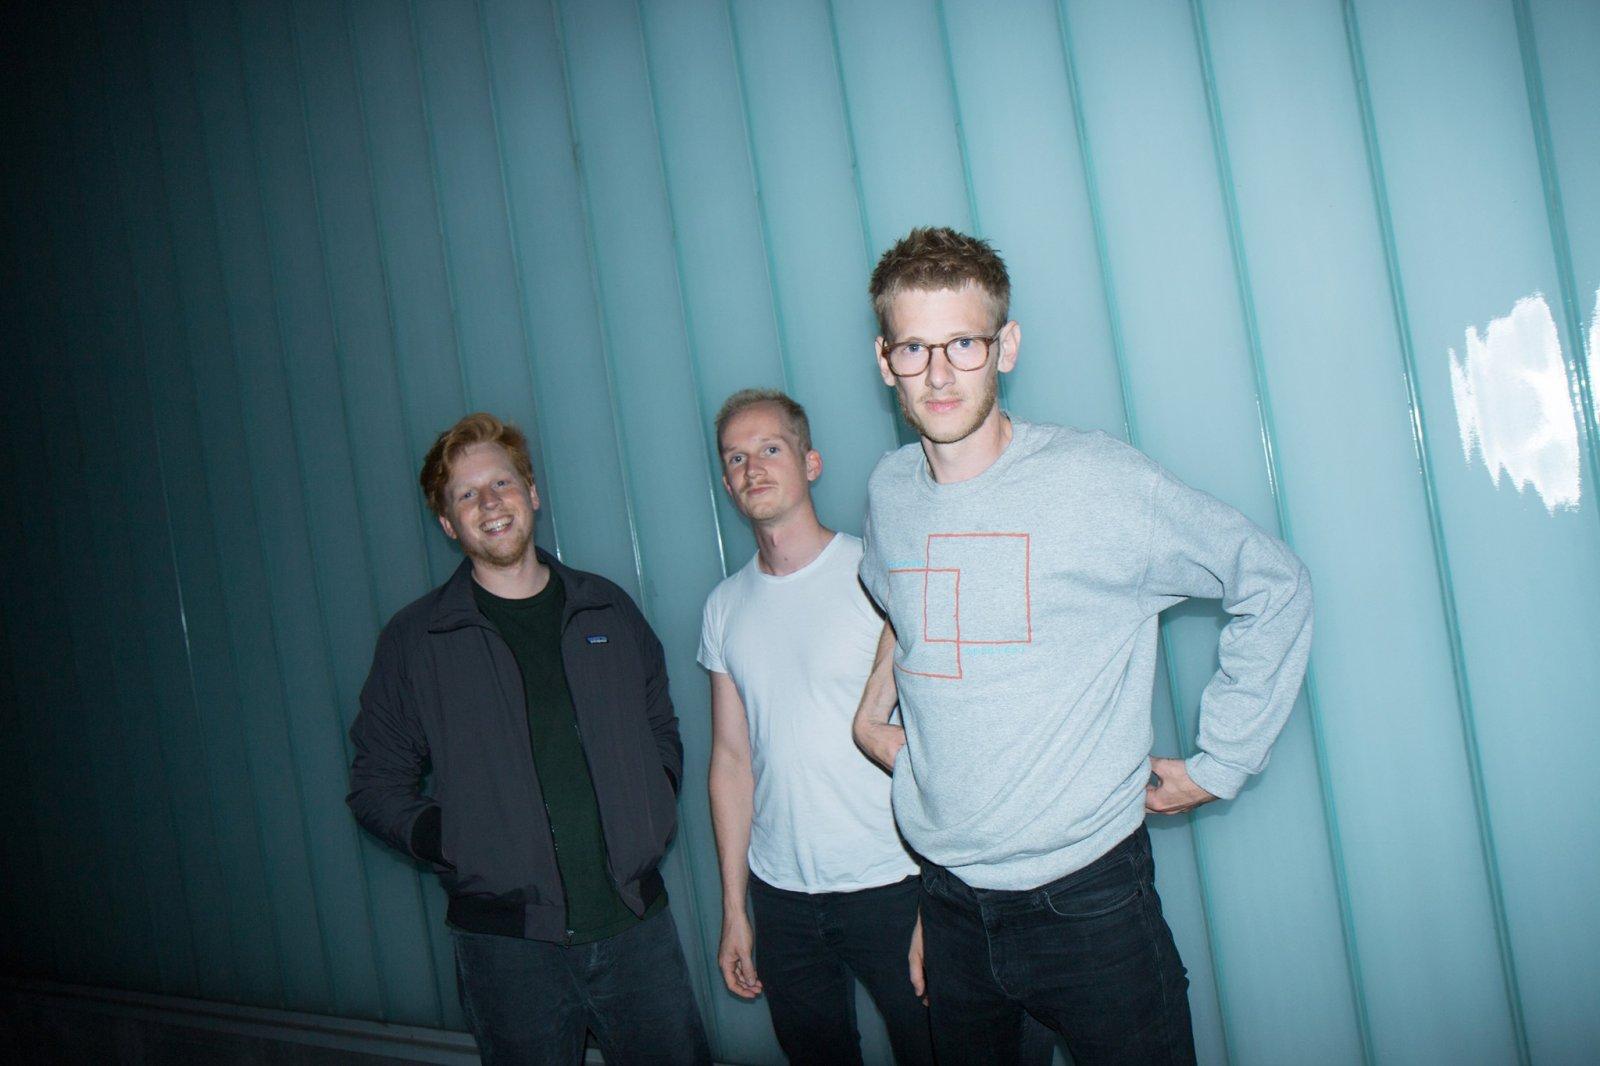 Fernant Zeste (Blues) + We had to leave (Indierock)